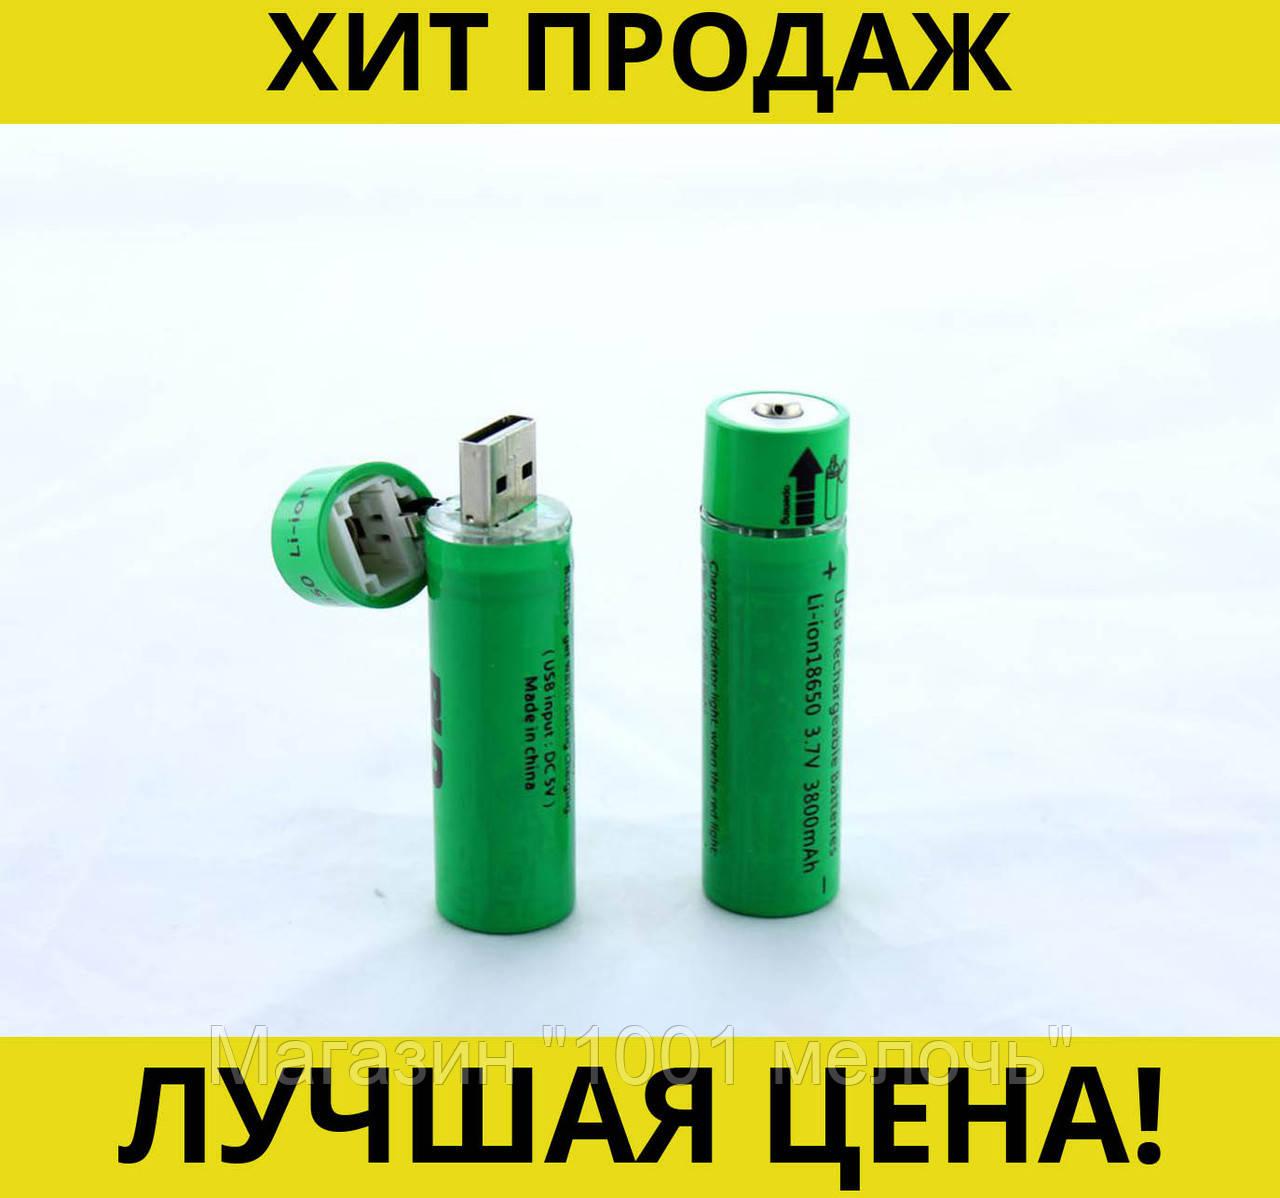 Батарейка BATTERY USB18650 c USB зарядкой- Новинка